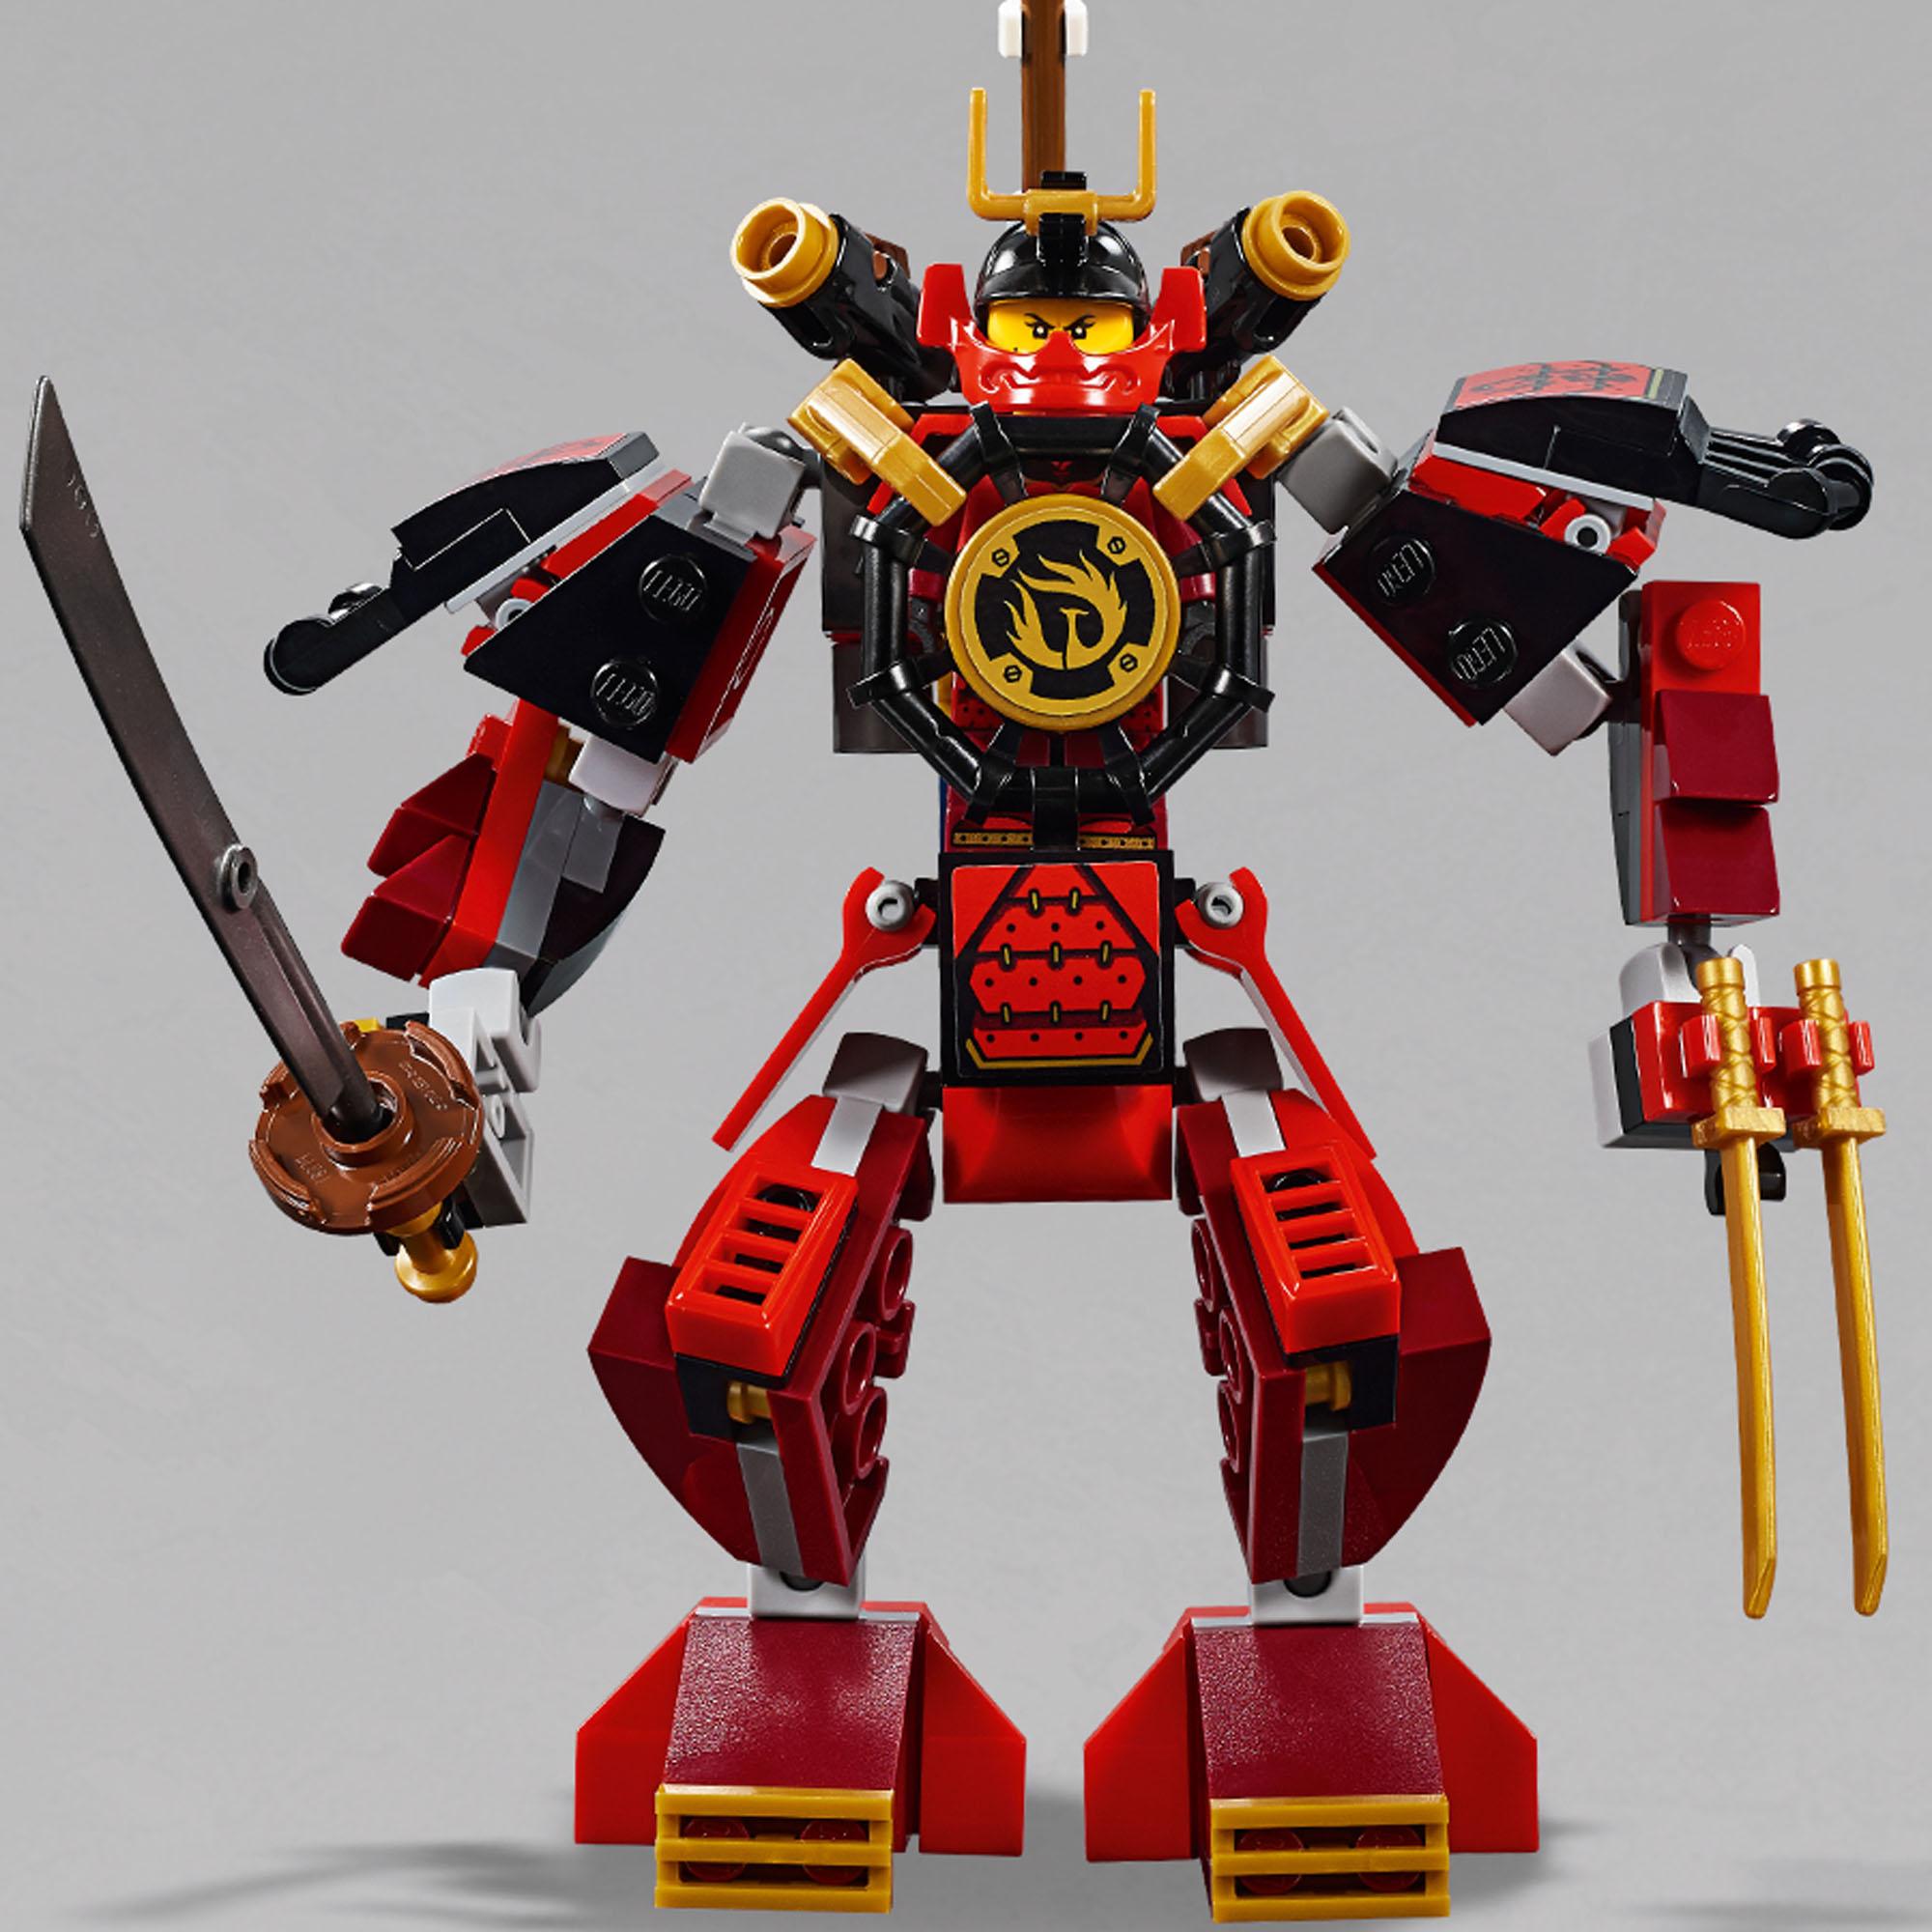 70665 LEGO Ninjago The Samurai Mech 154 Pieces Age 7 ...